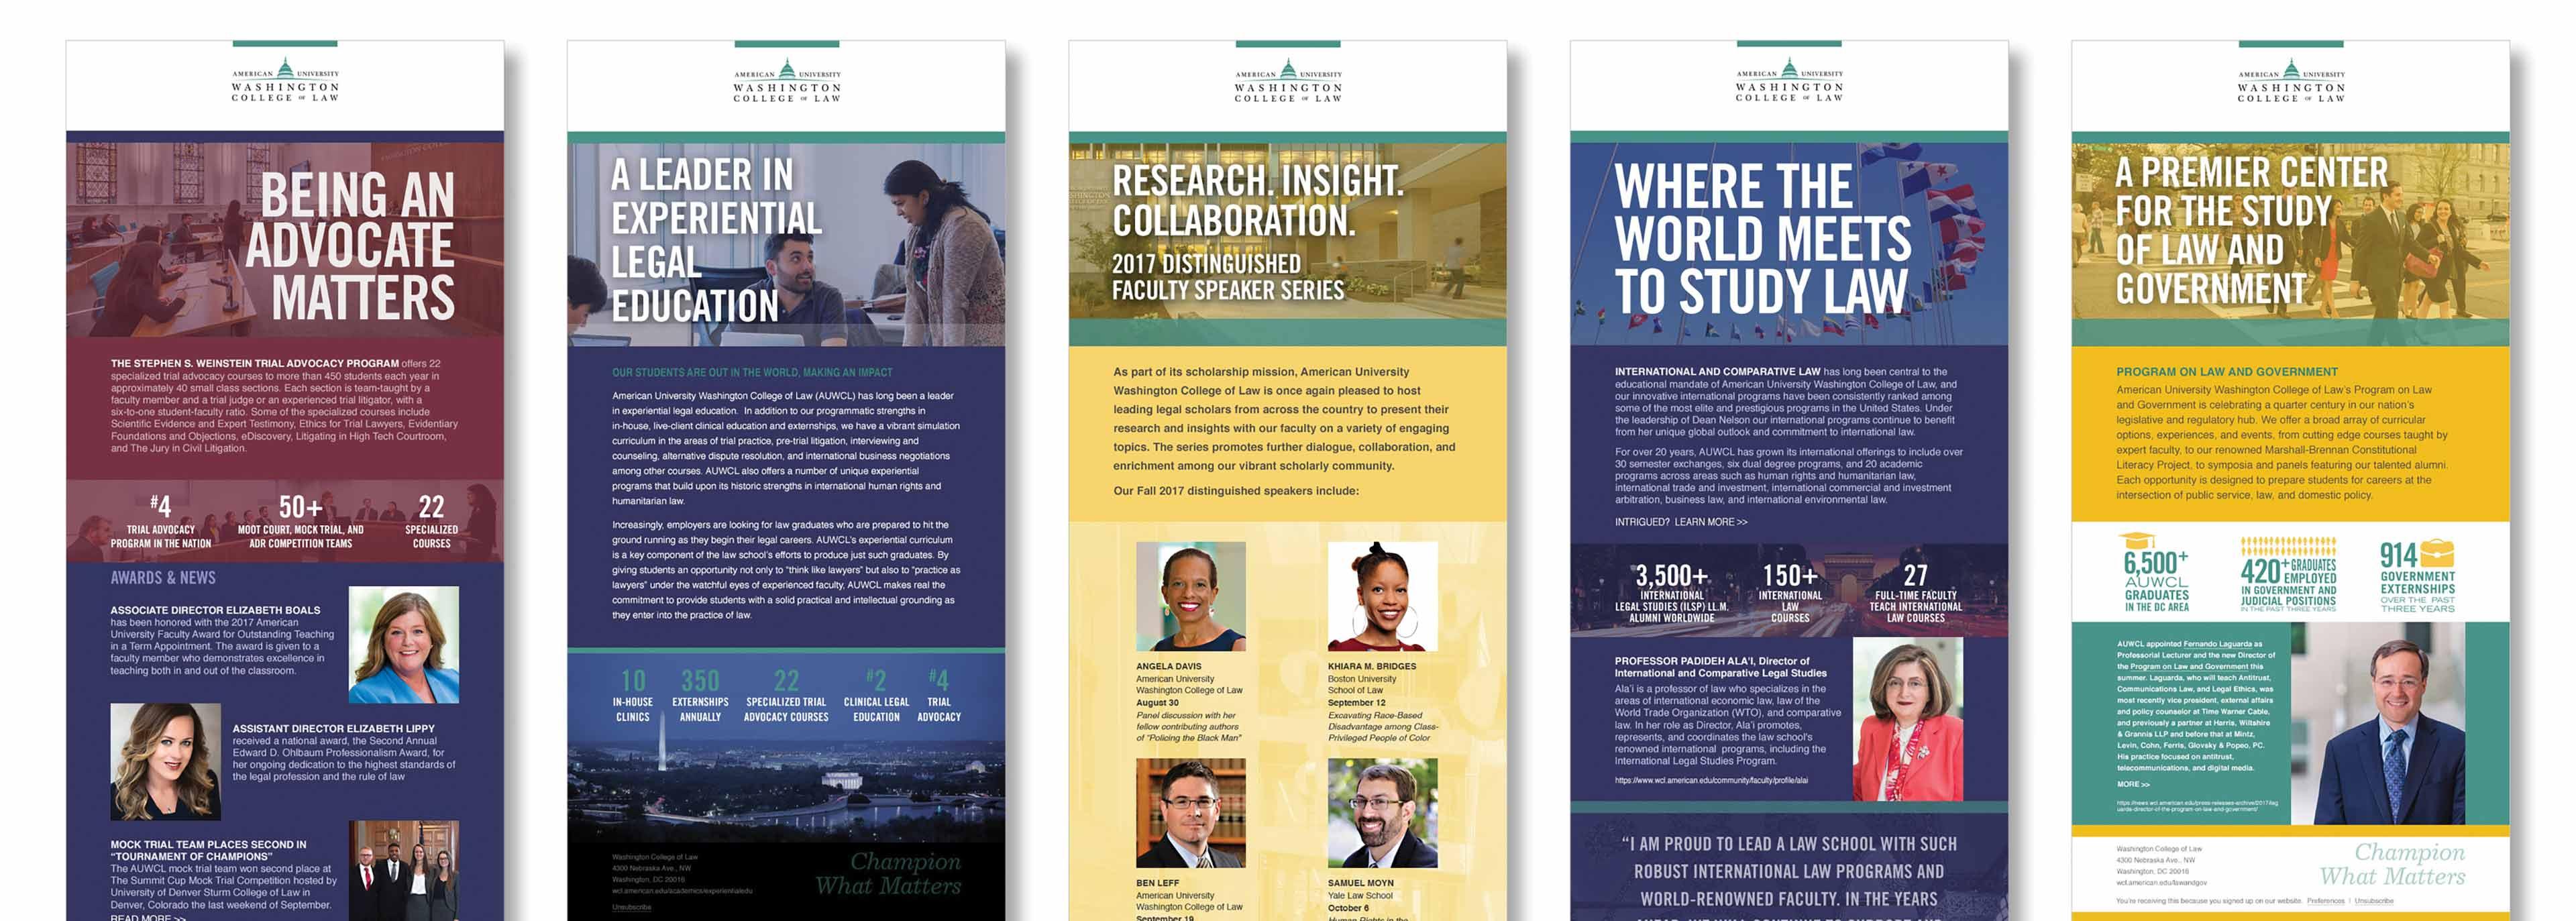 University law school rankings brochure